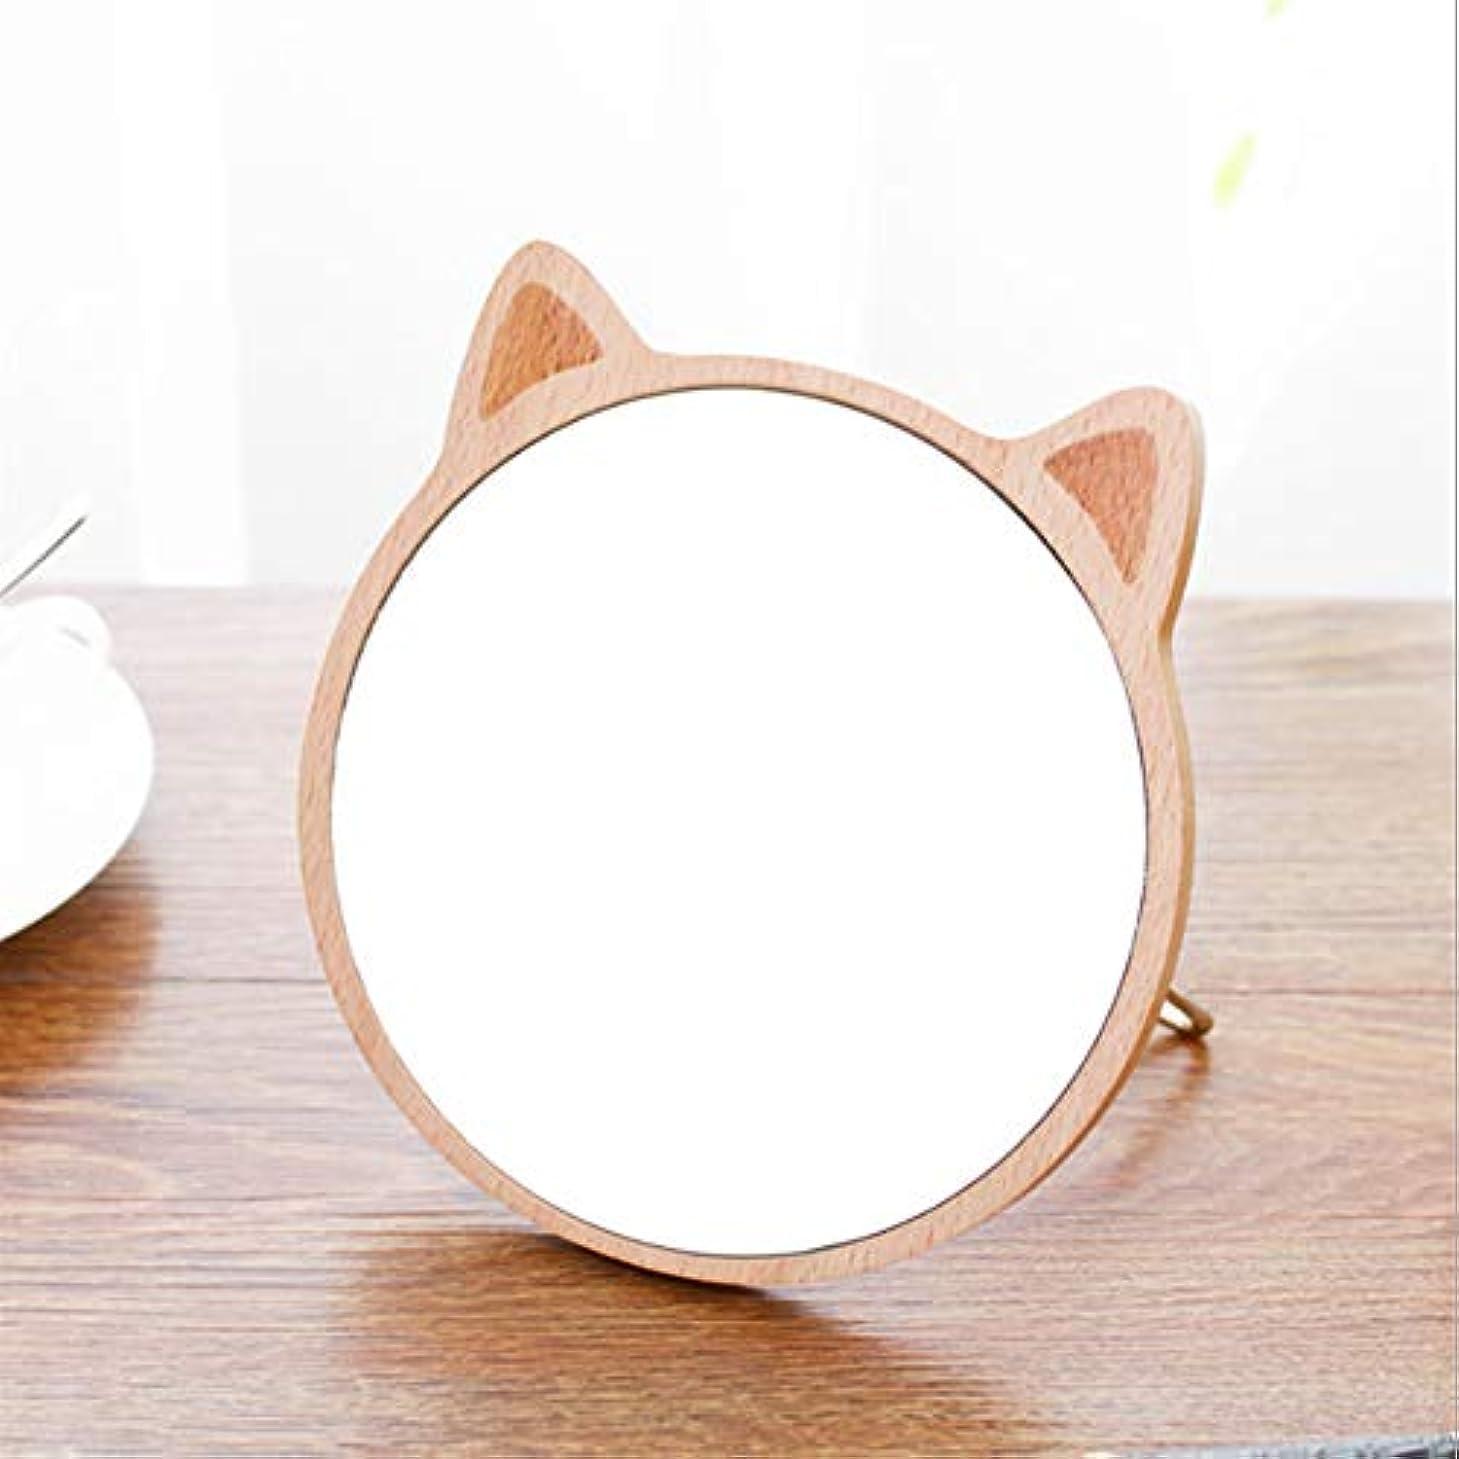 ジャングルチップ軍団鏡 木製 卓上 化粧鏡 可愛い猫耳 卓上ミラー 丸型 スタンドミラー 卓上鏡 おしゃれ 180度回転 角度調整対応